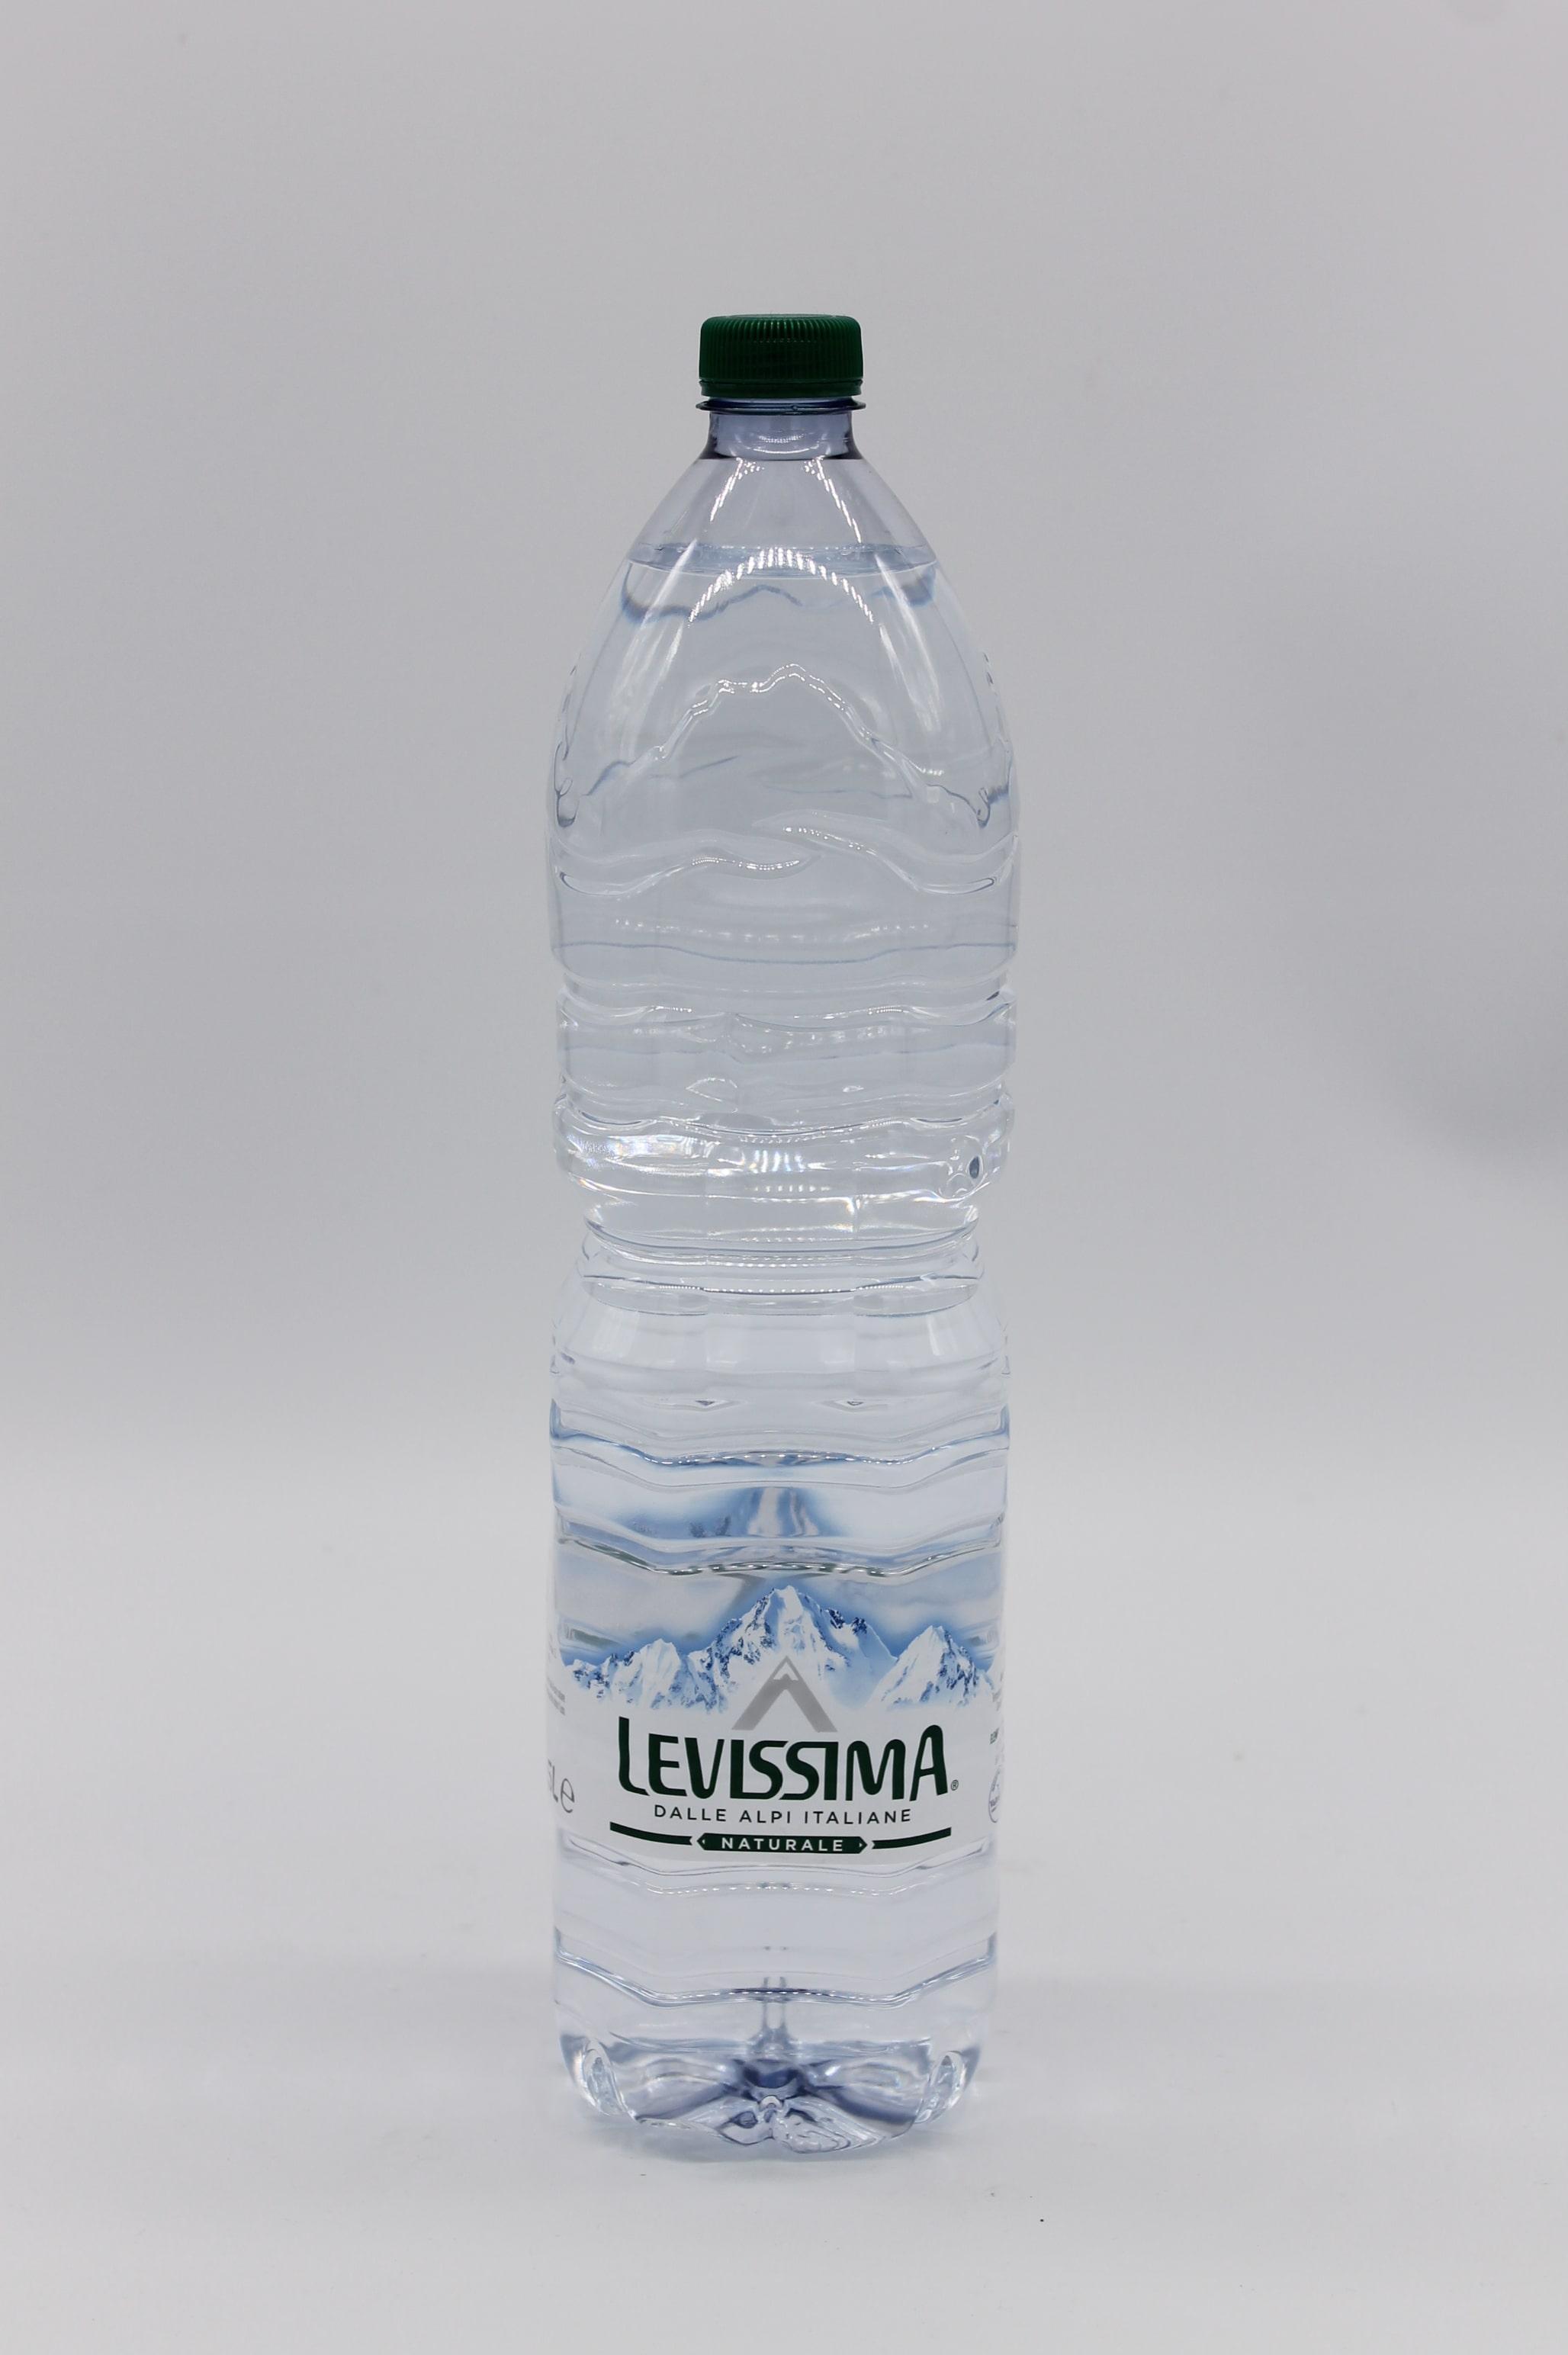 Acqua naturale Levissima 1,5lt.